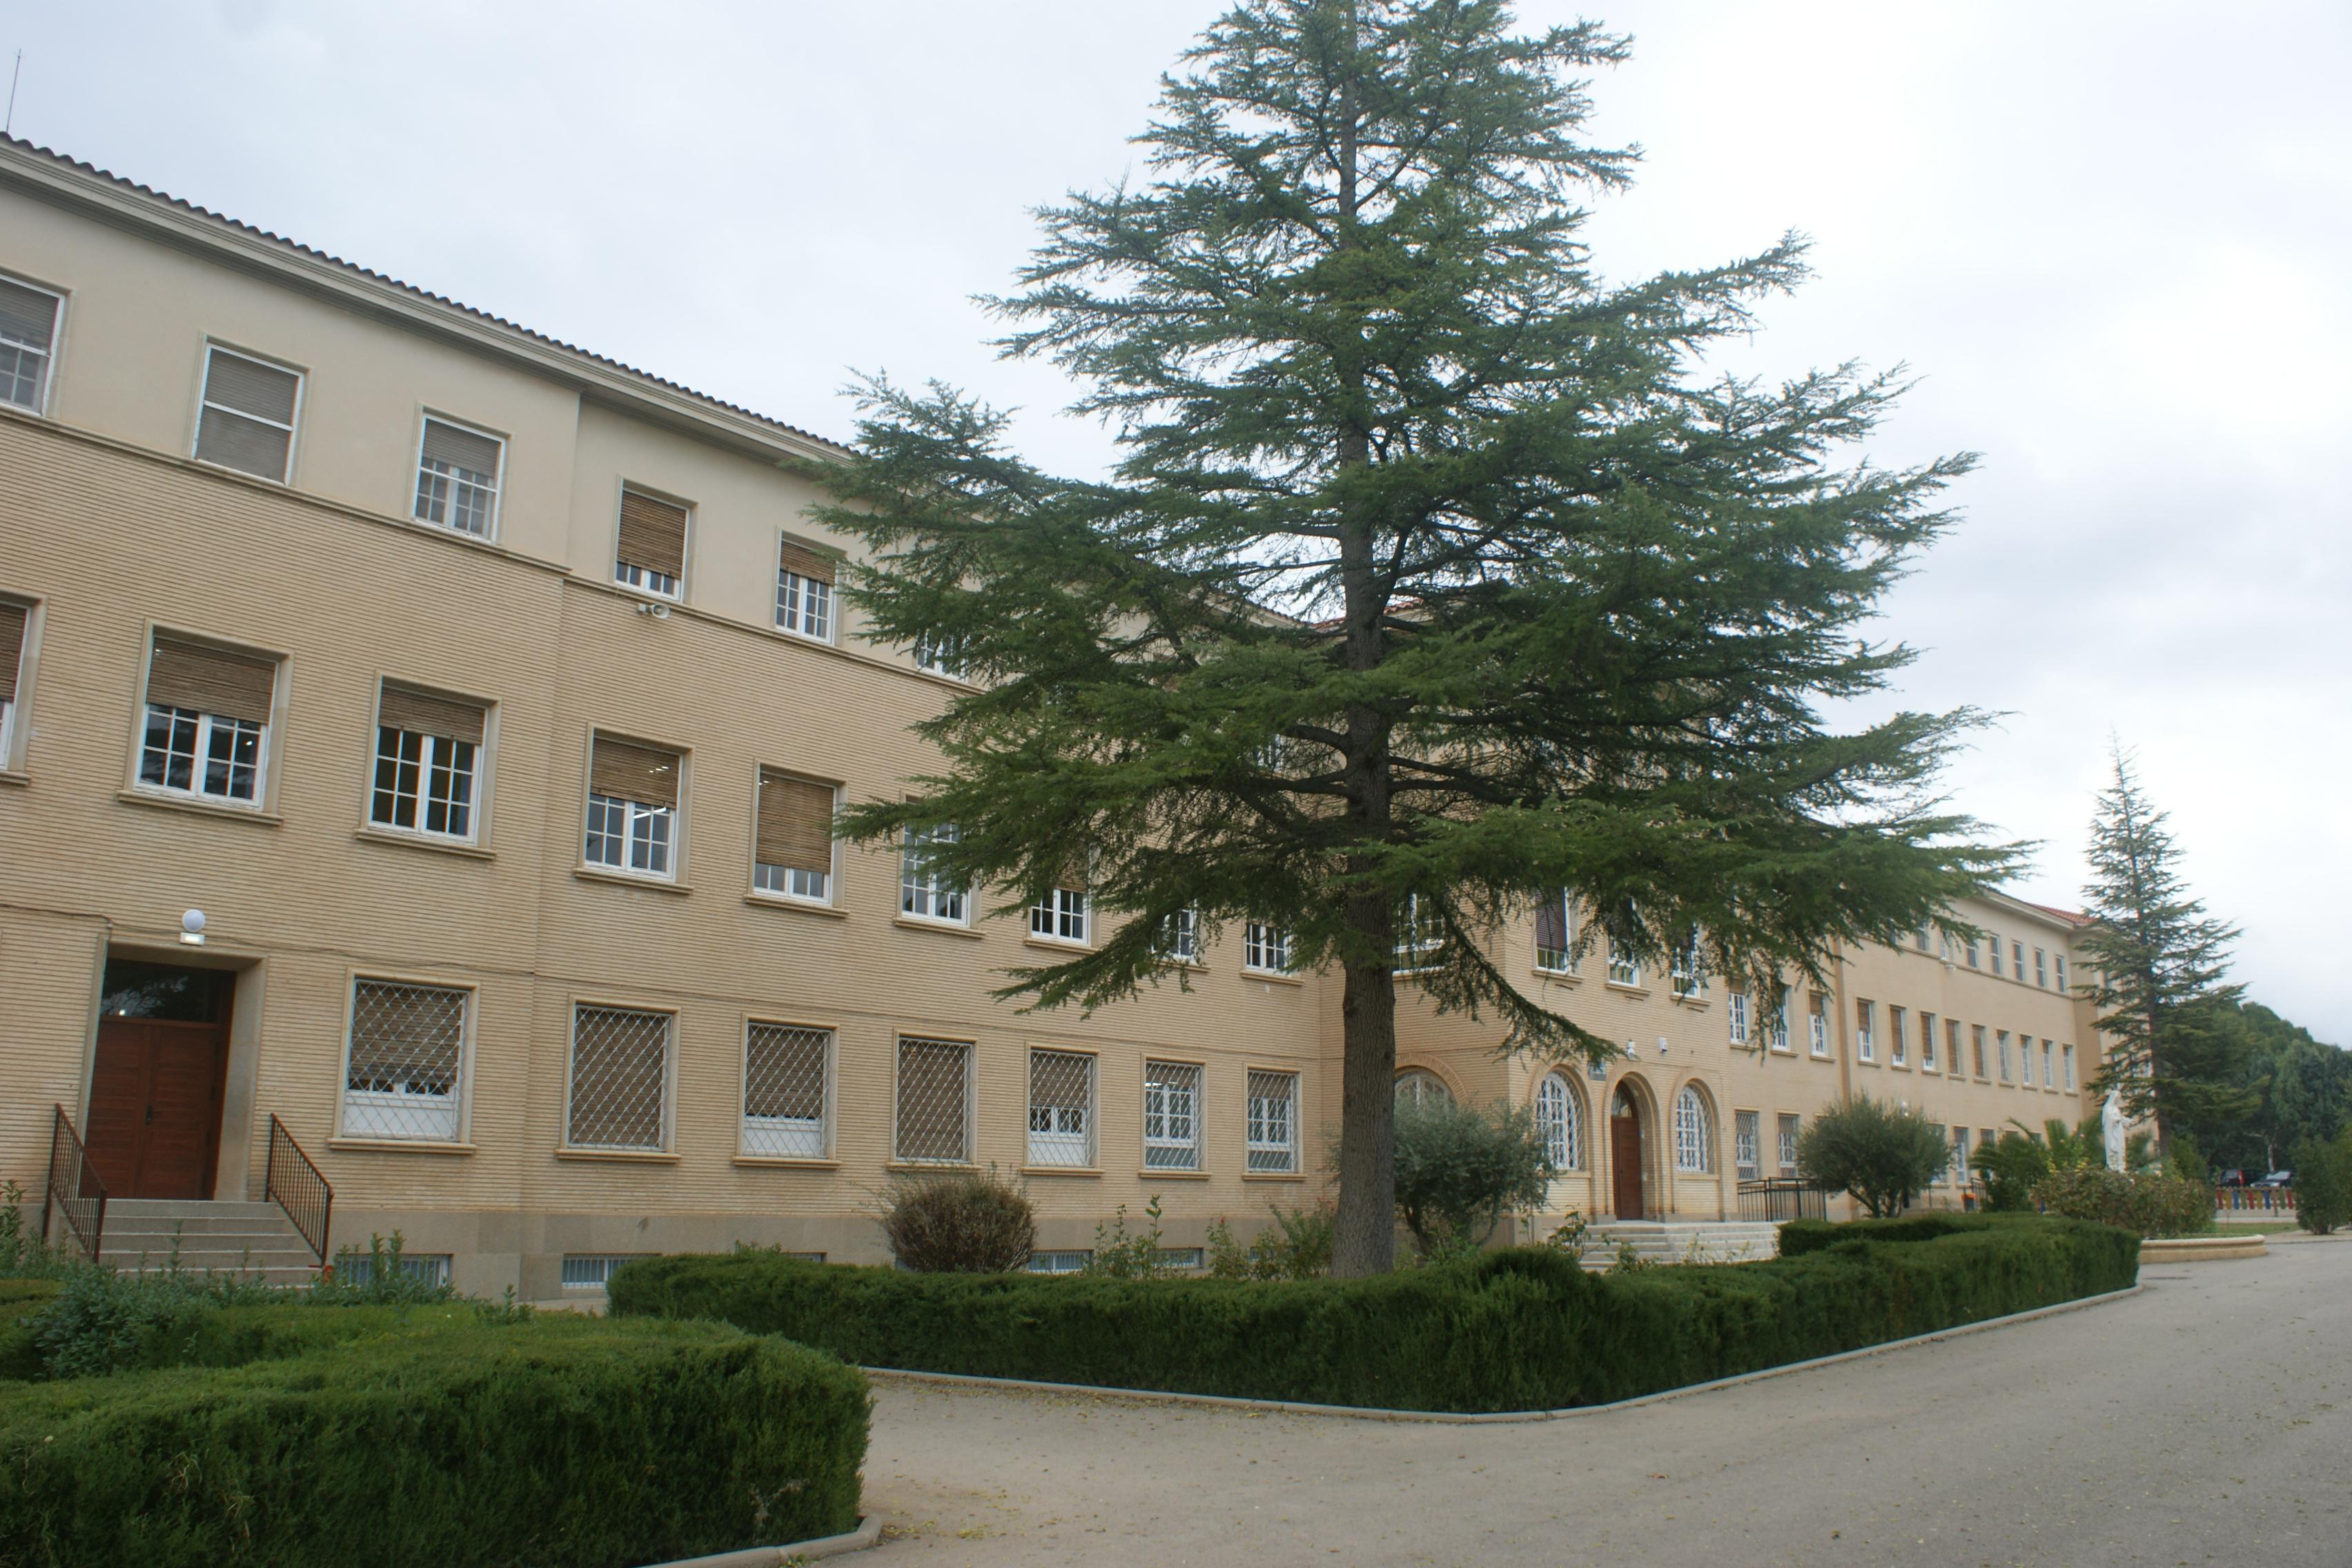 Colegio San Gabriel un éxito rotundo en corrección acústica